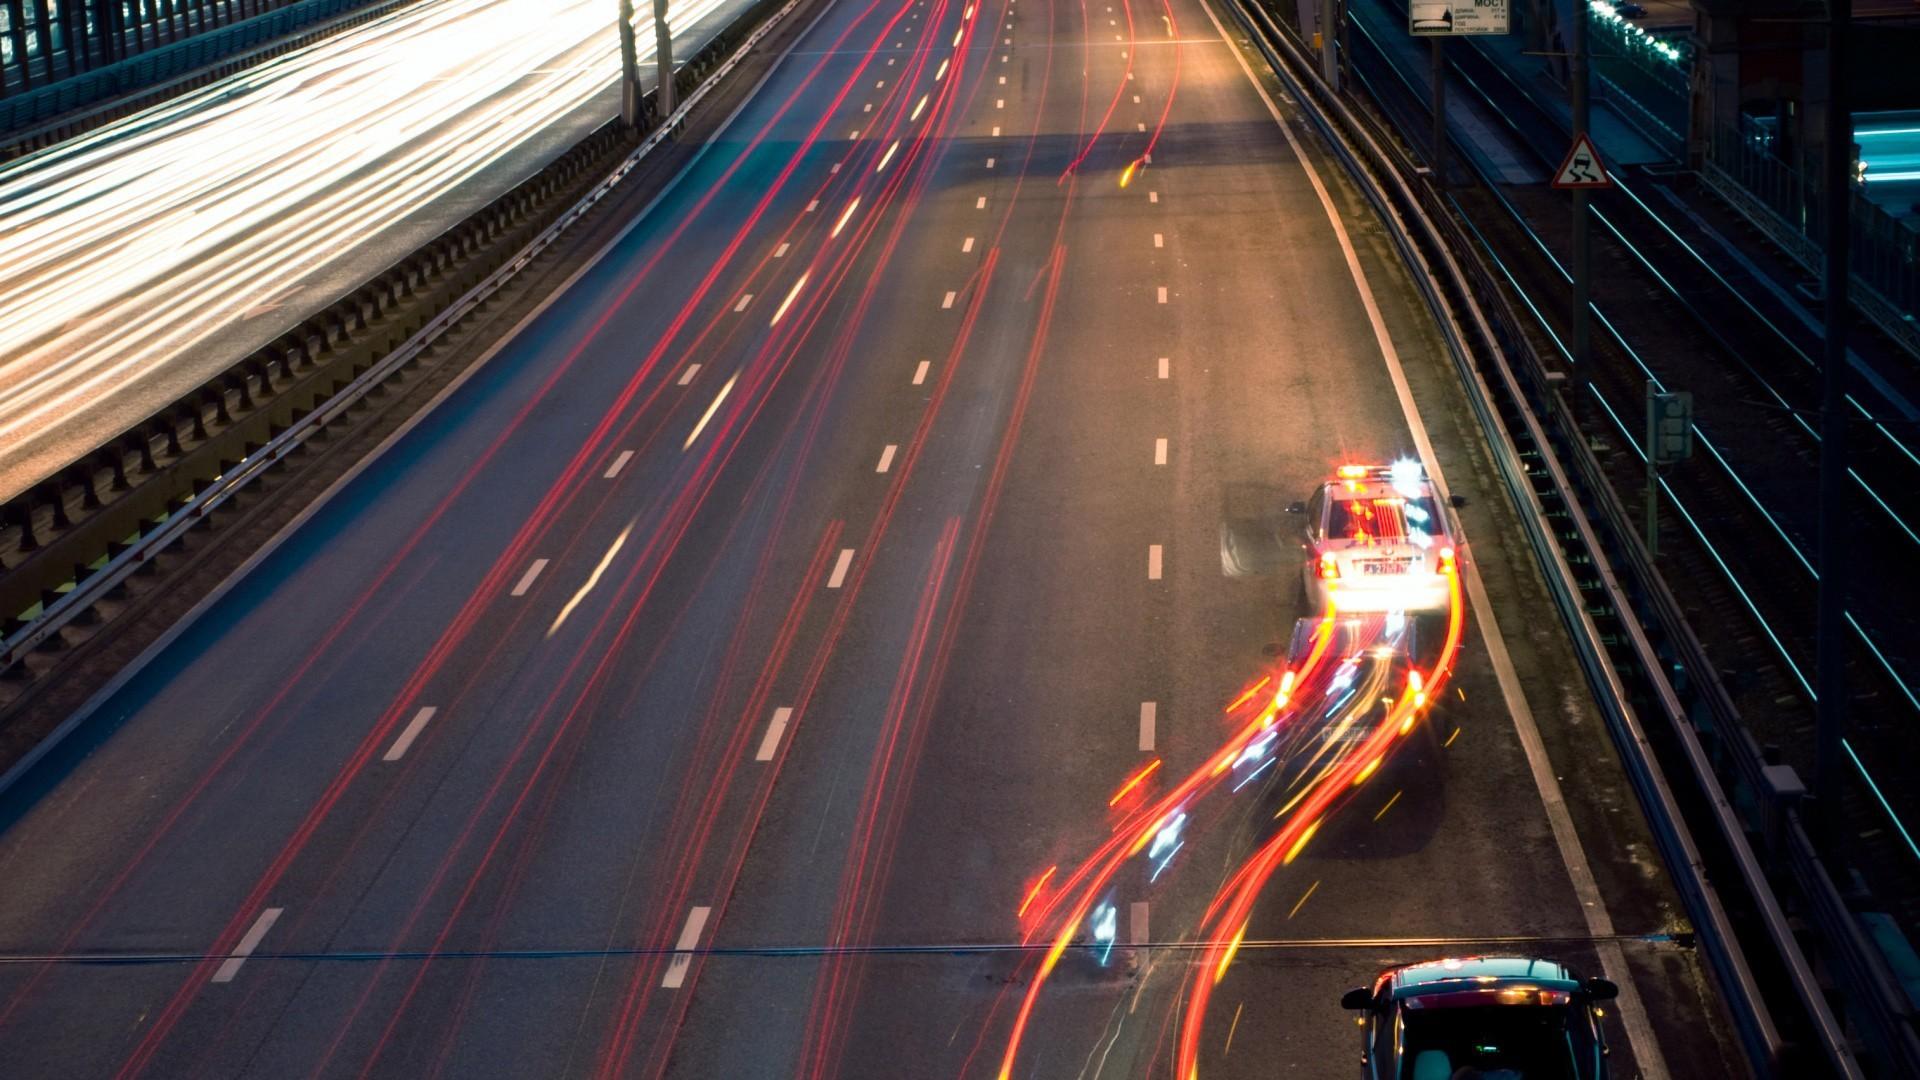 движение машин ночью как сфотографировать место занимают также